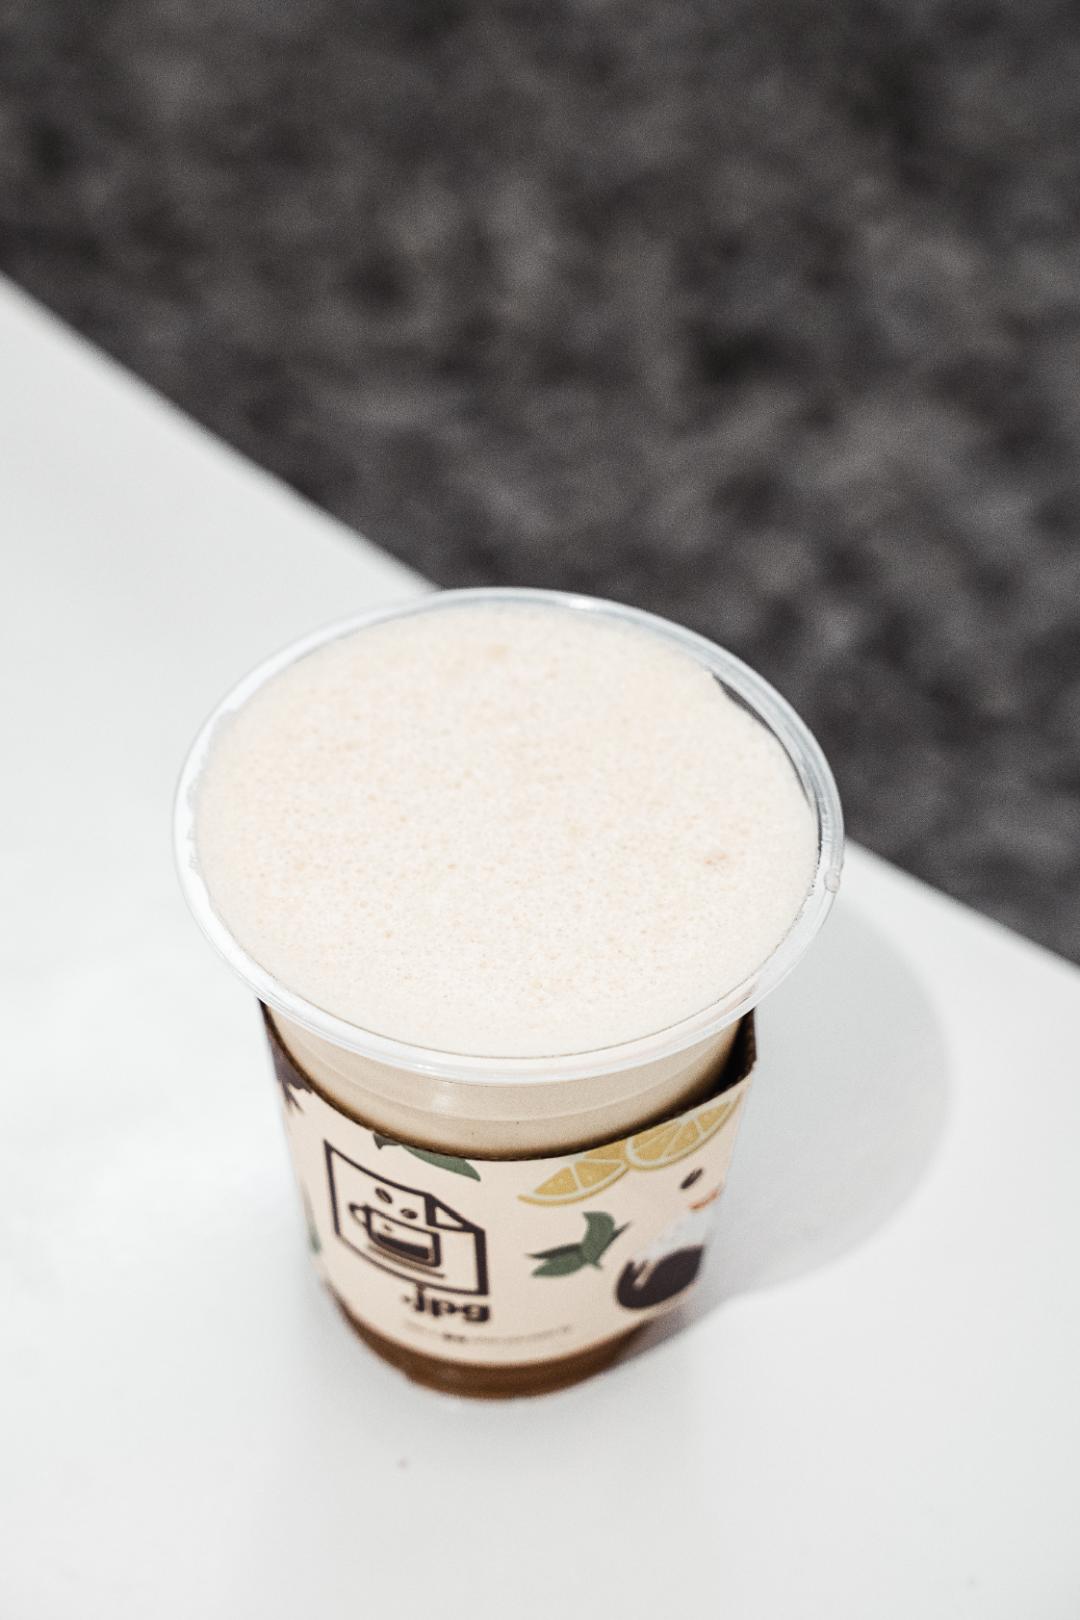 广州夏日限定咖啡大赏:用白玉兰做的Dirty是什么味道?